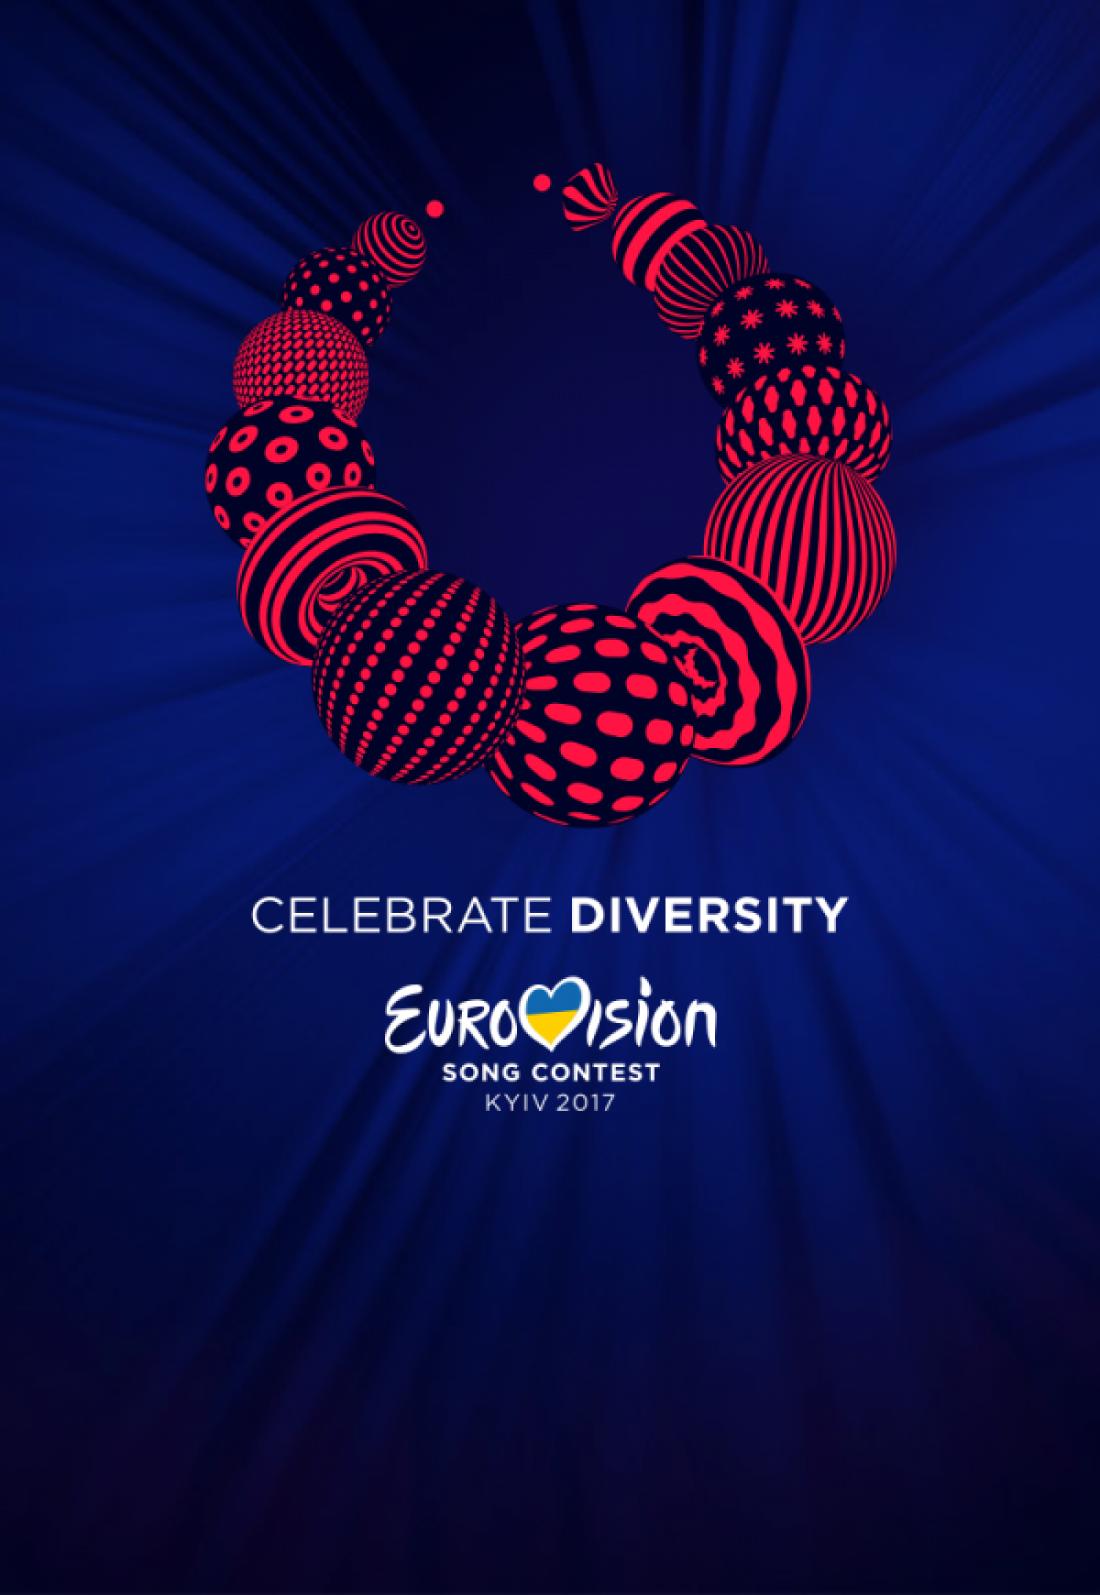 Евровидение 2017: состоится в Киеве